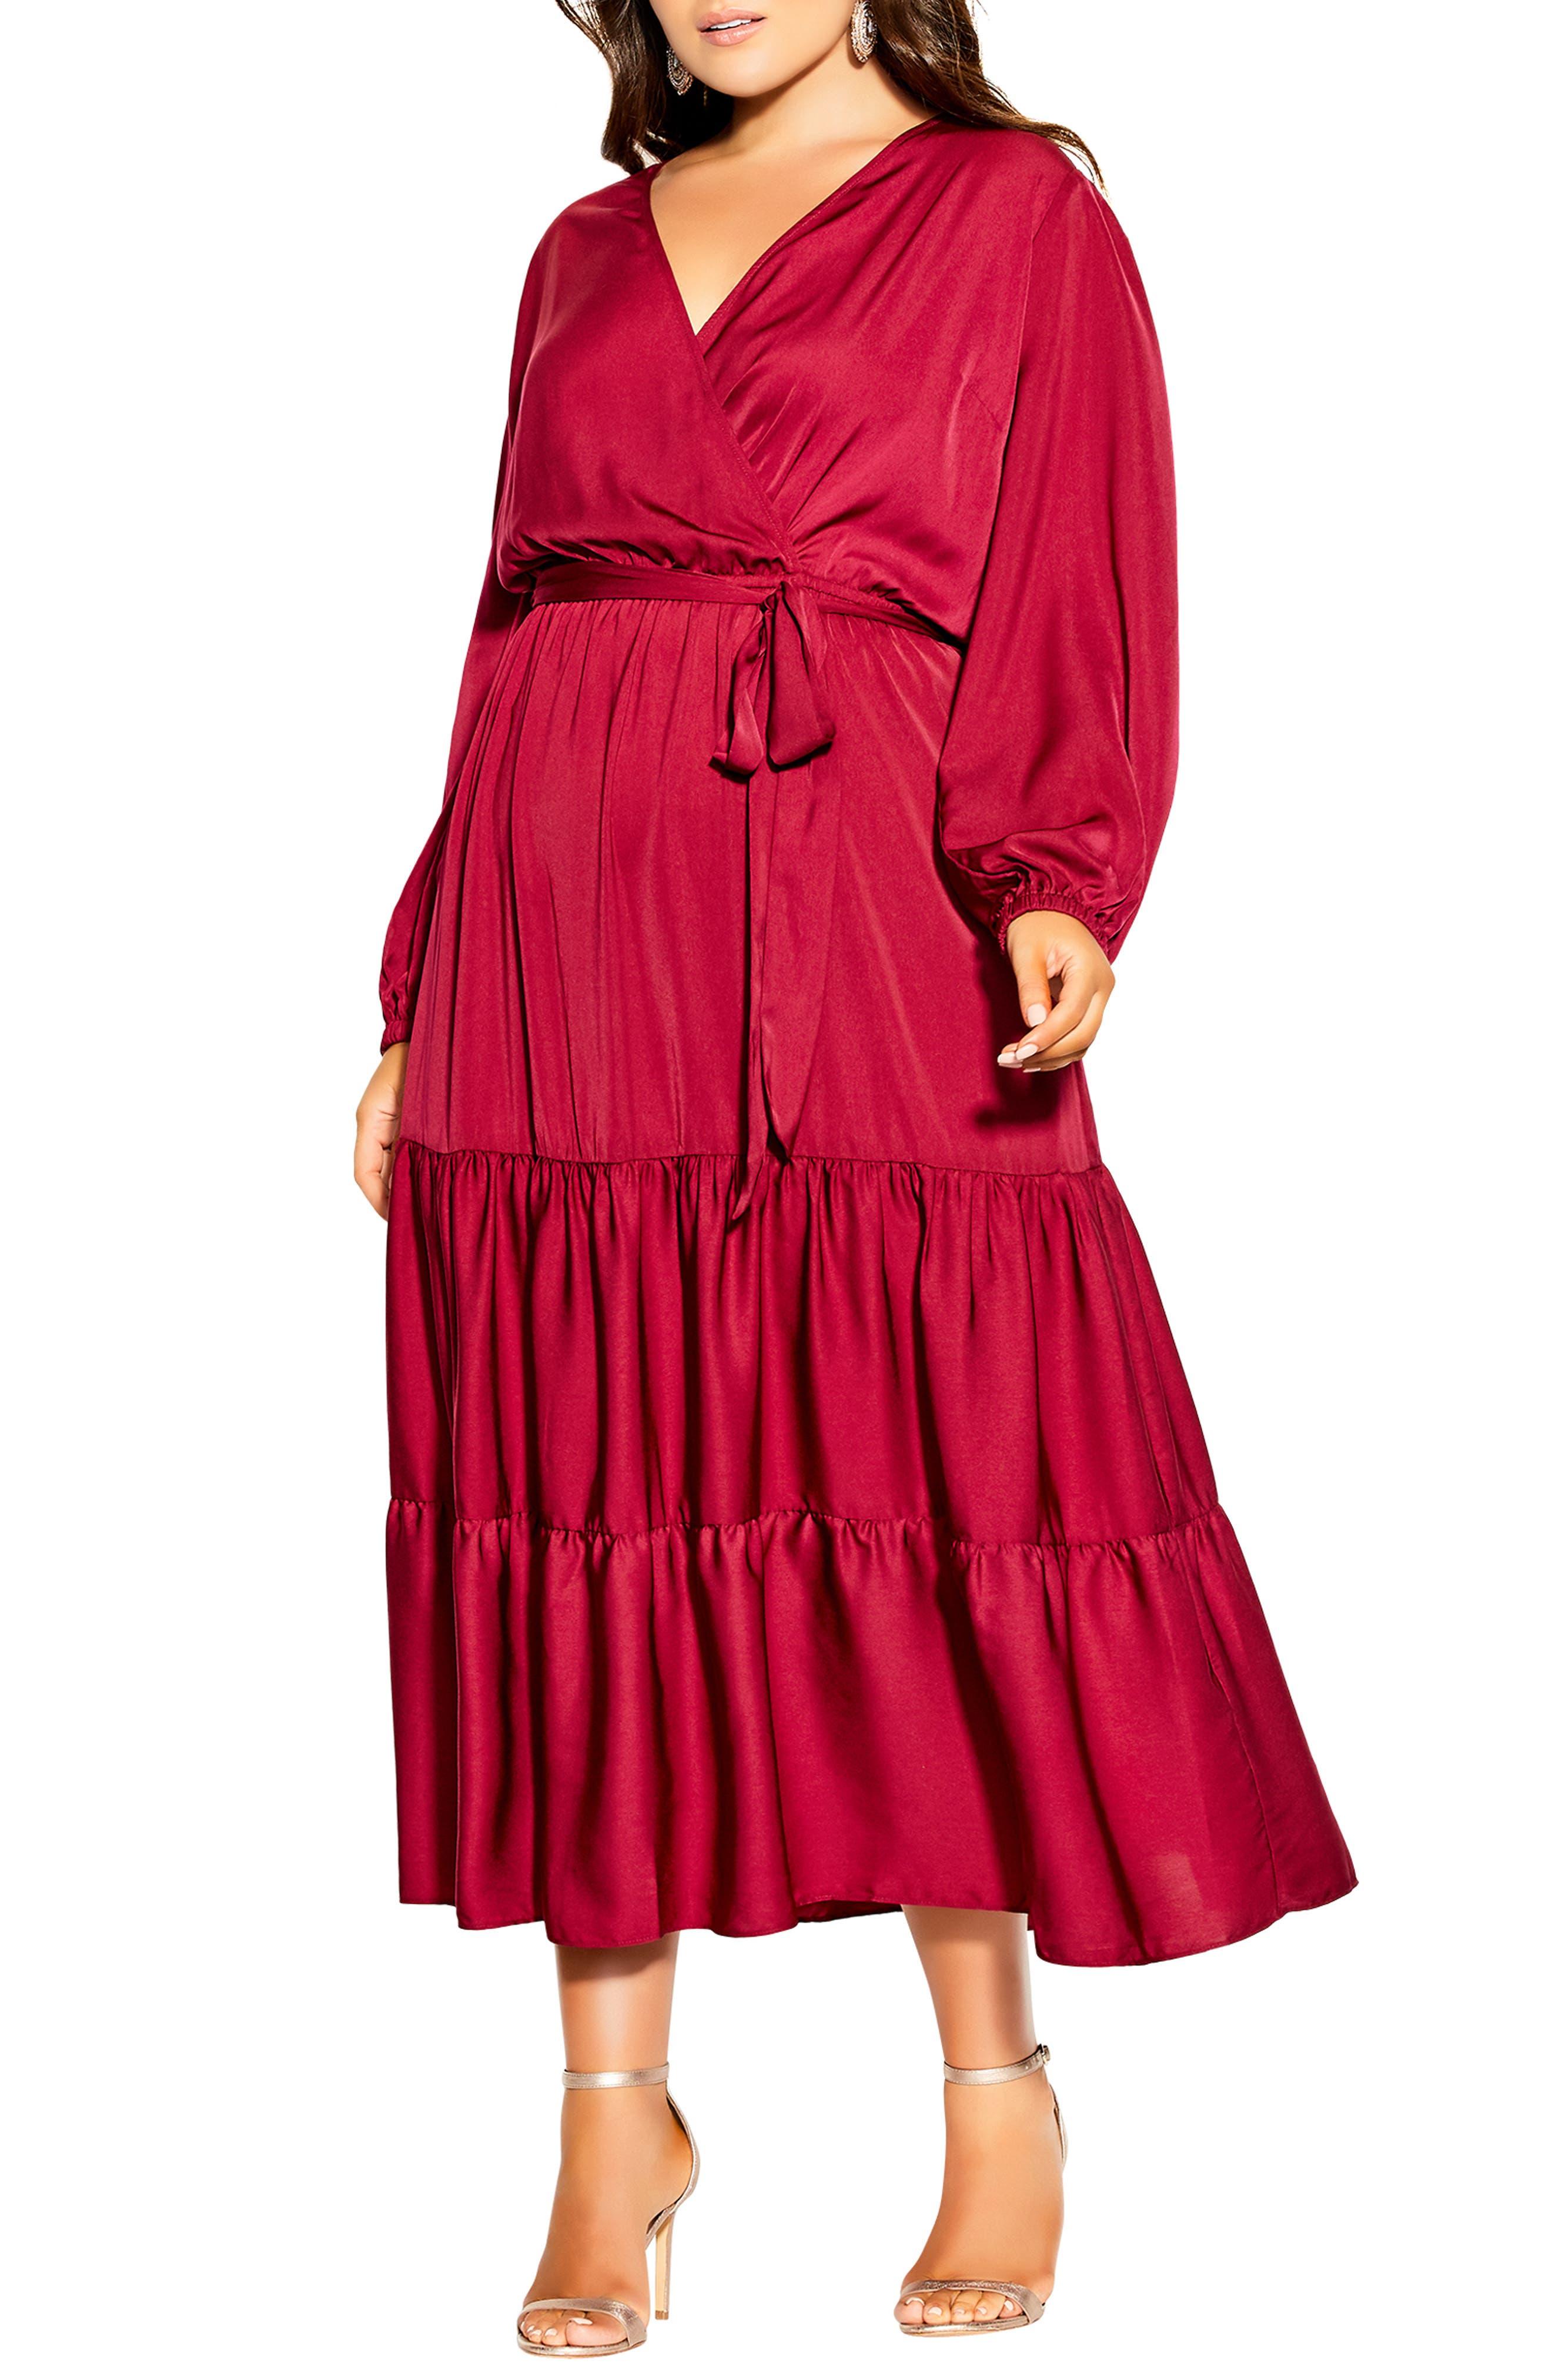 Pretty Tier Long Sleeve Dress